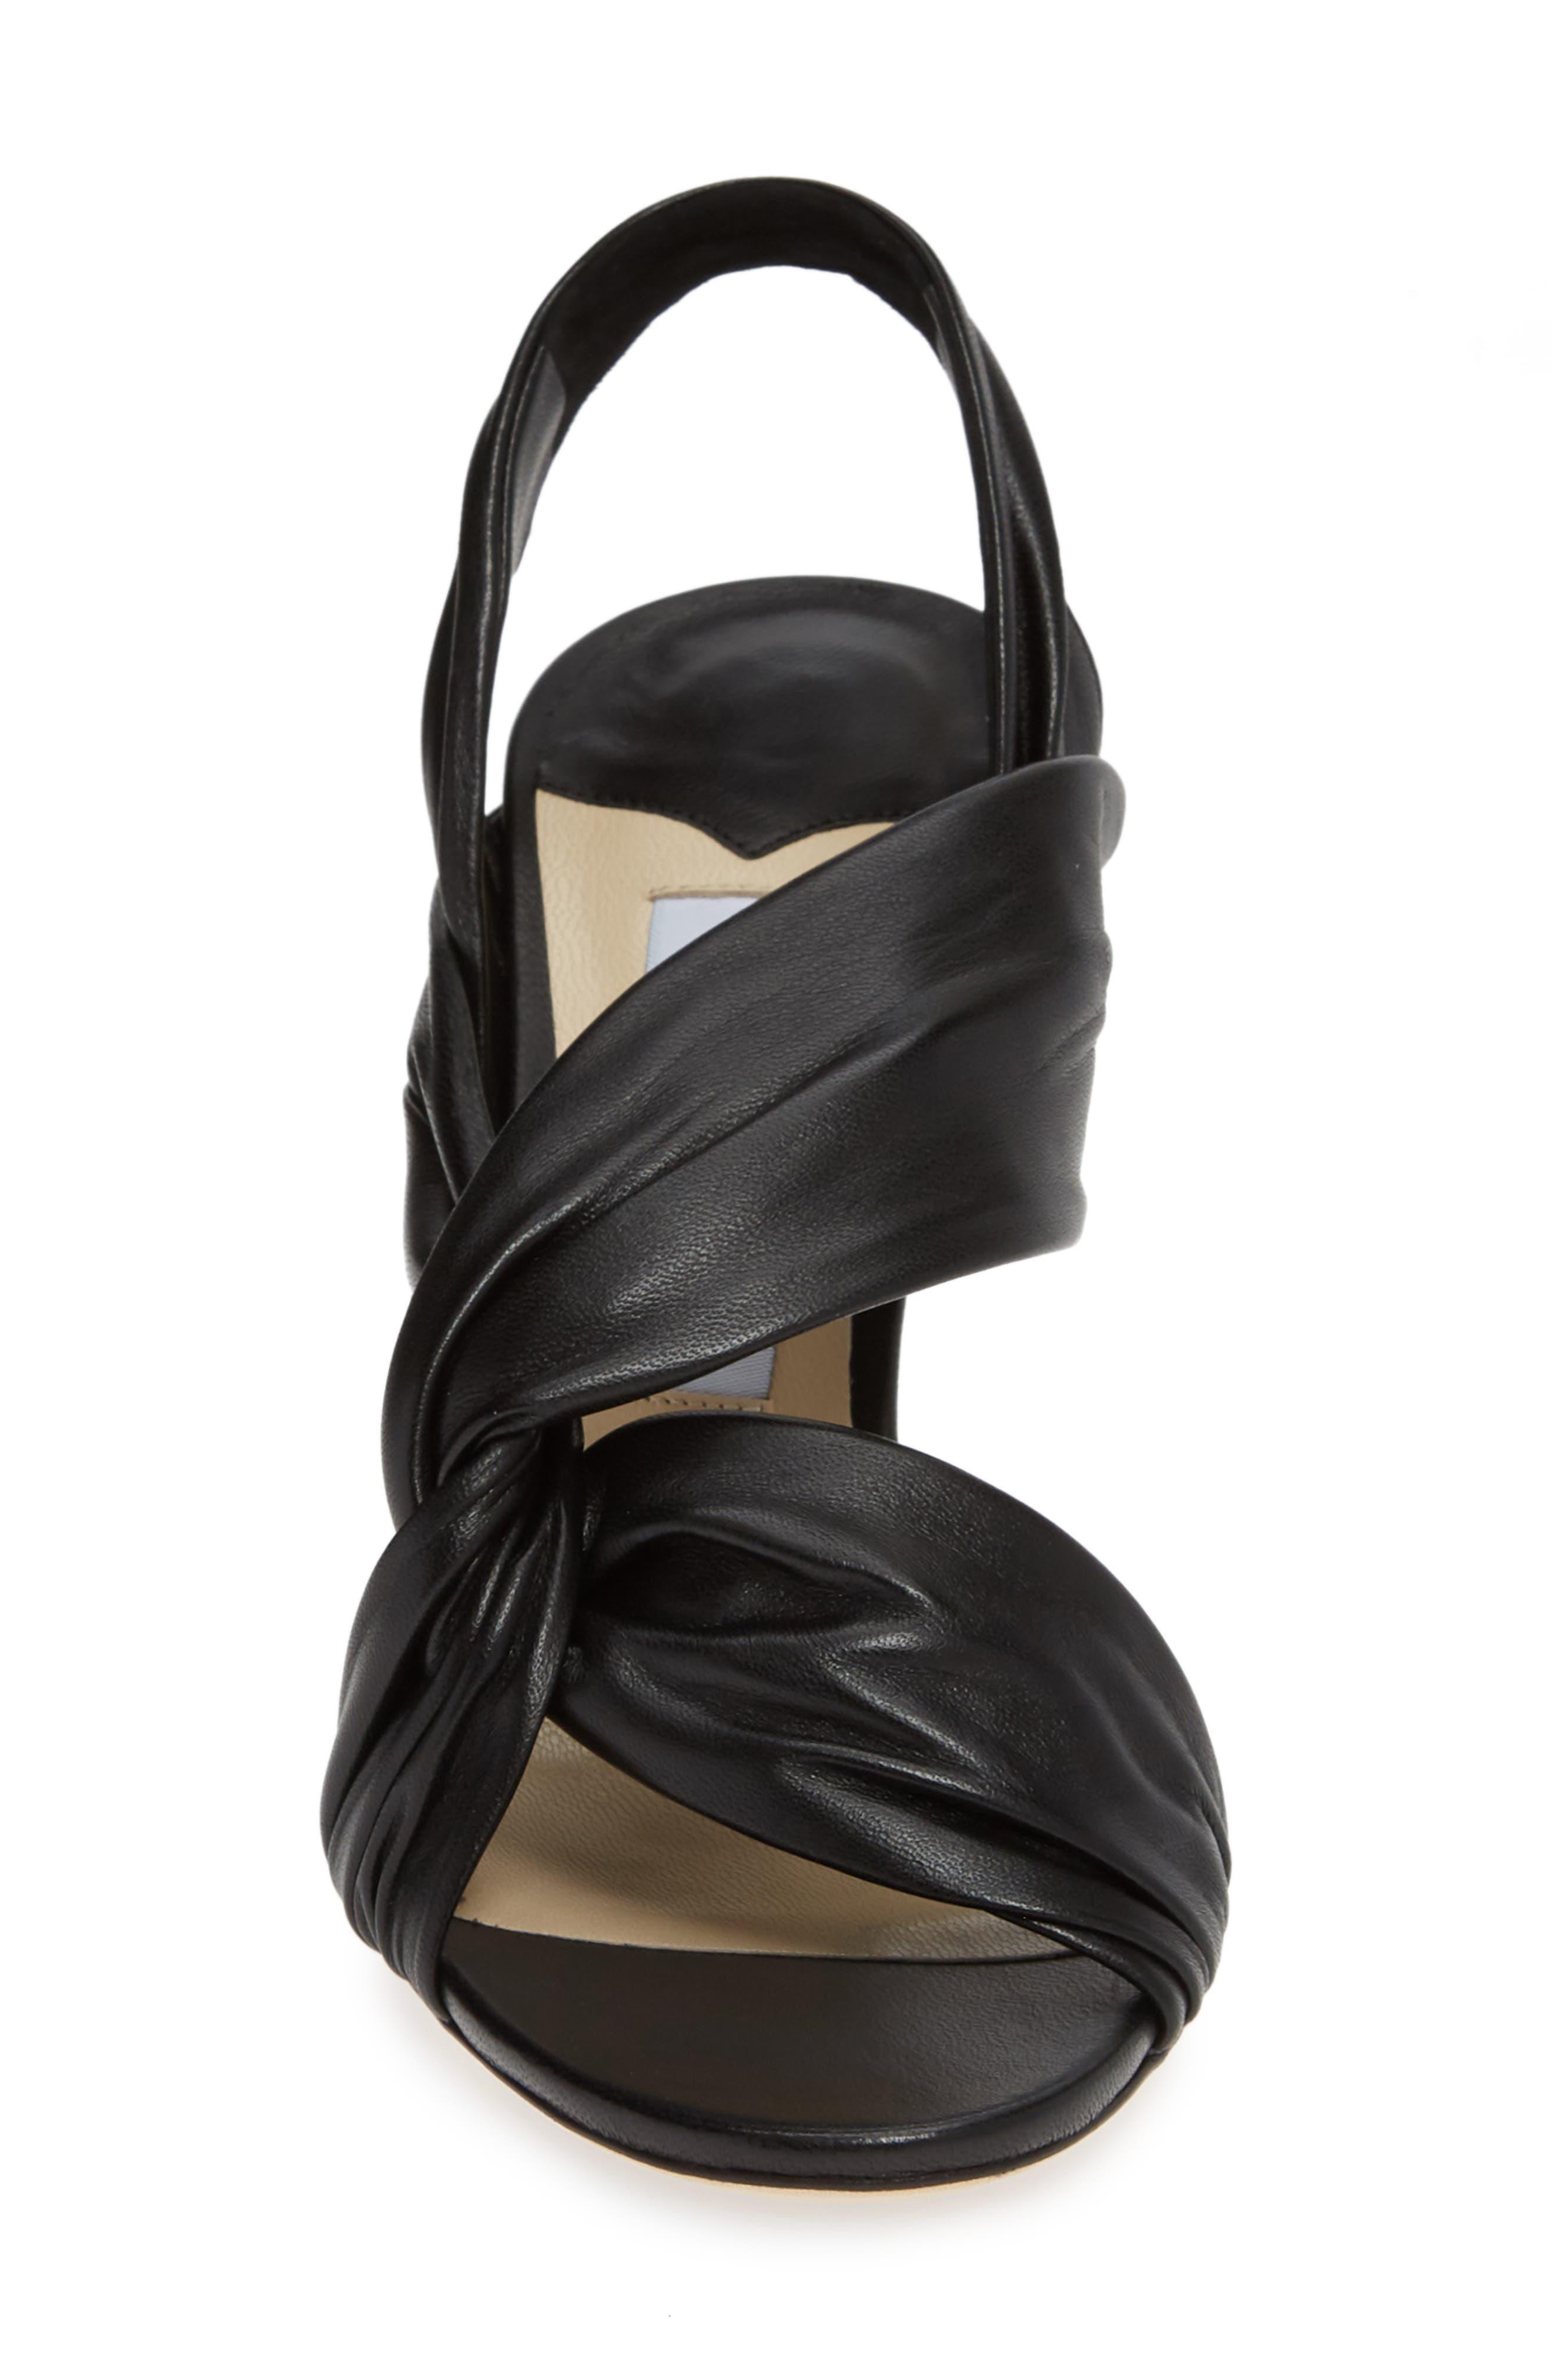 Lalia Slingback Sandal,                             Alternate thumbnail 4, color,                             BLACK